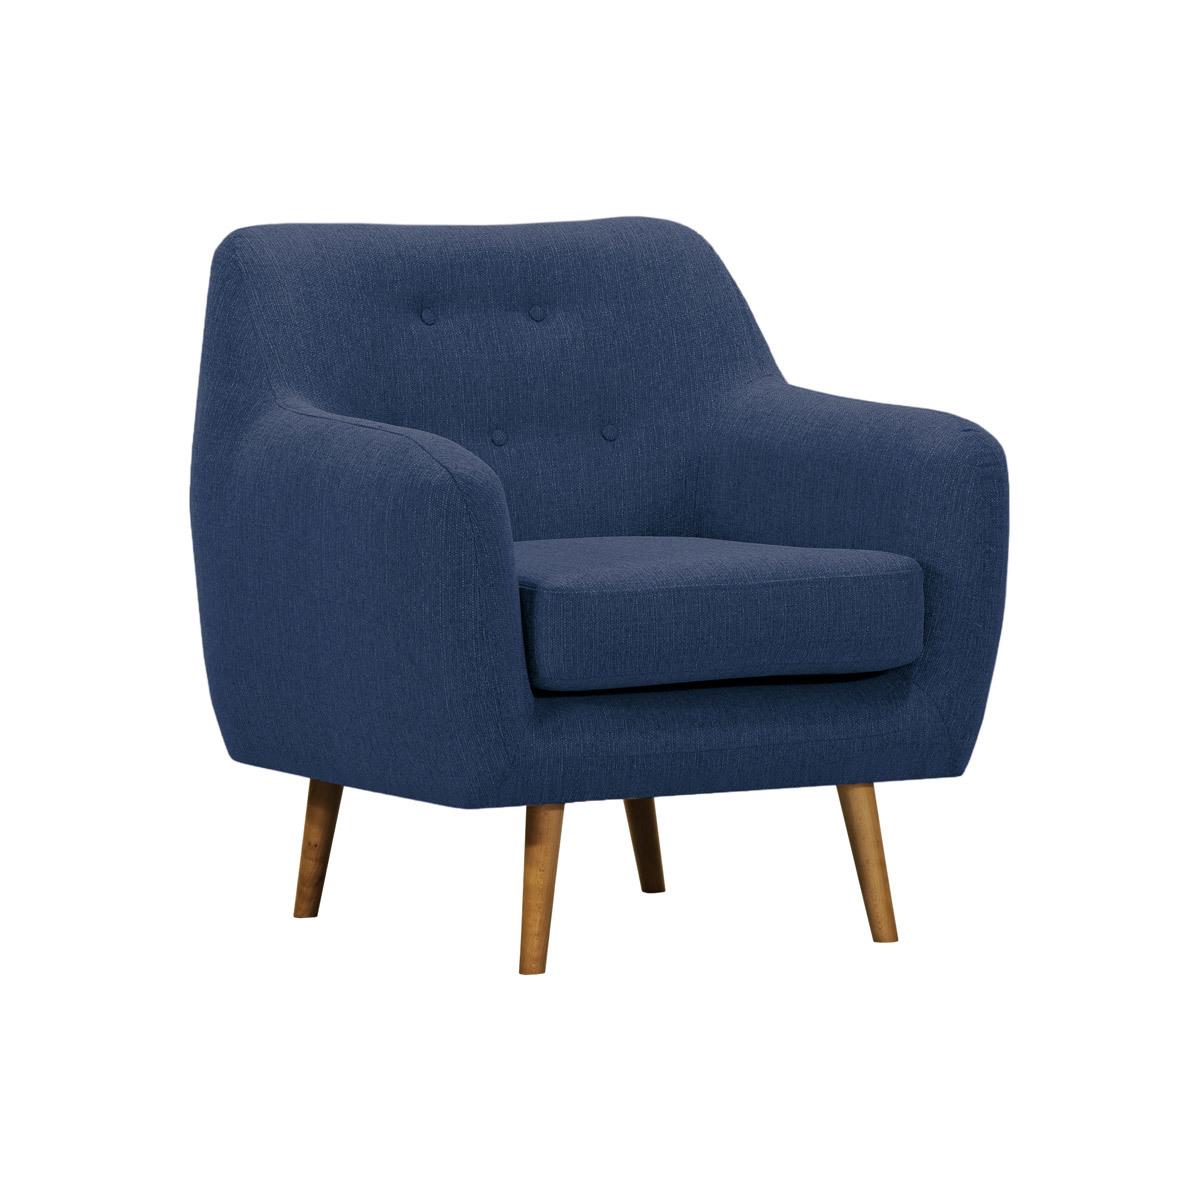 Poltrona design in tessuto blu scuro e legno chiaro OLAF